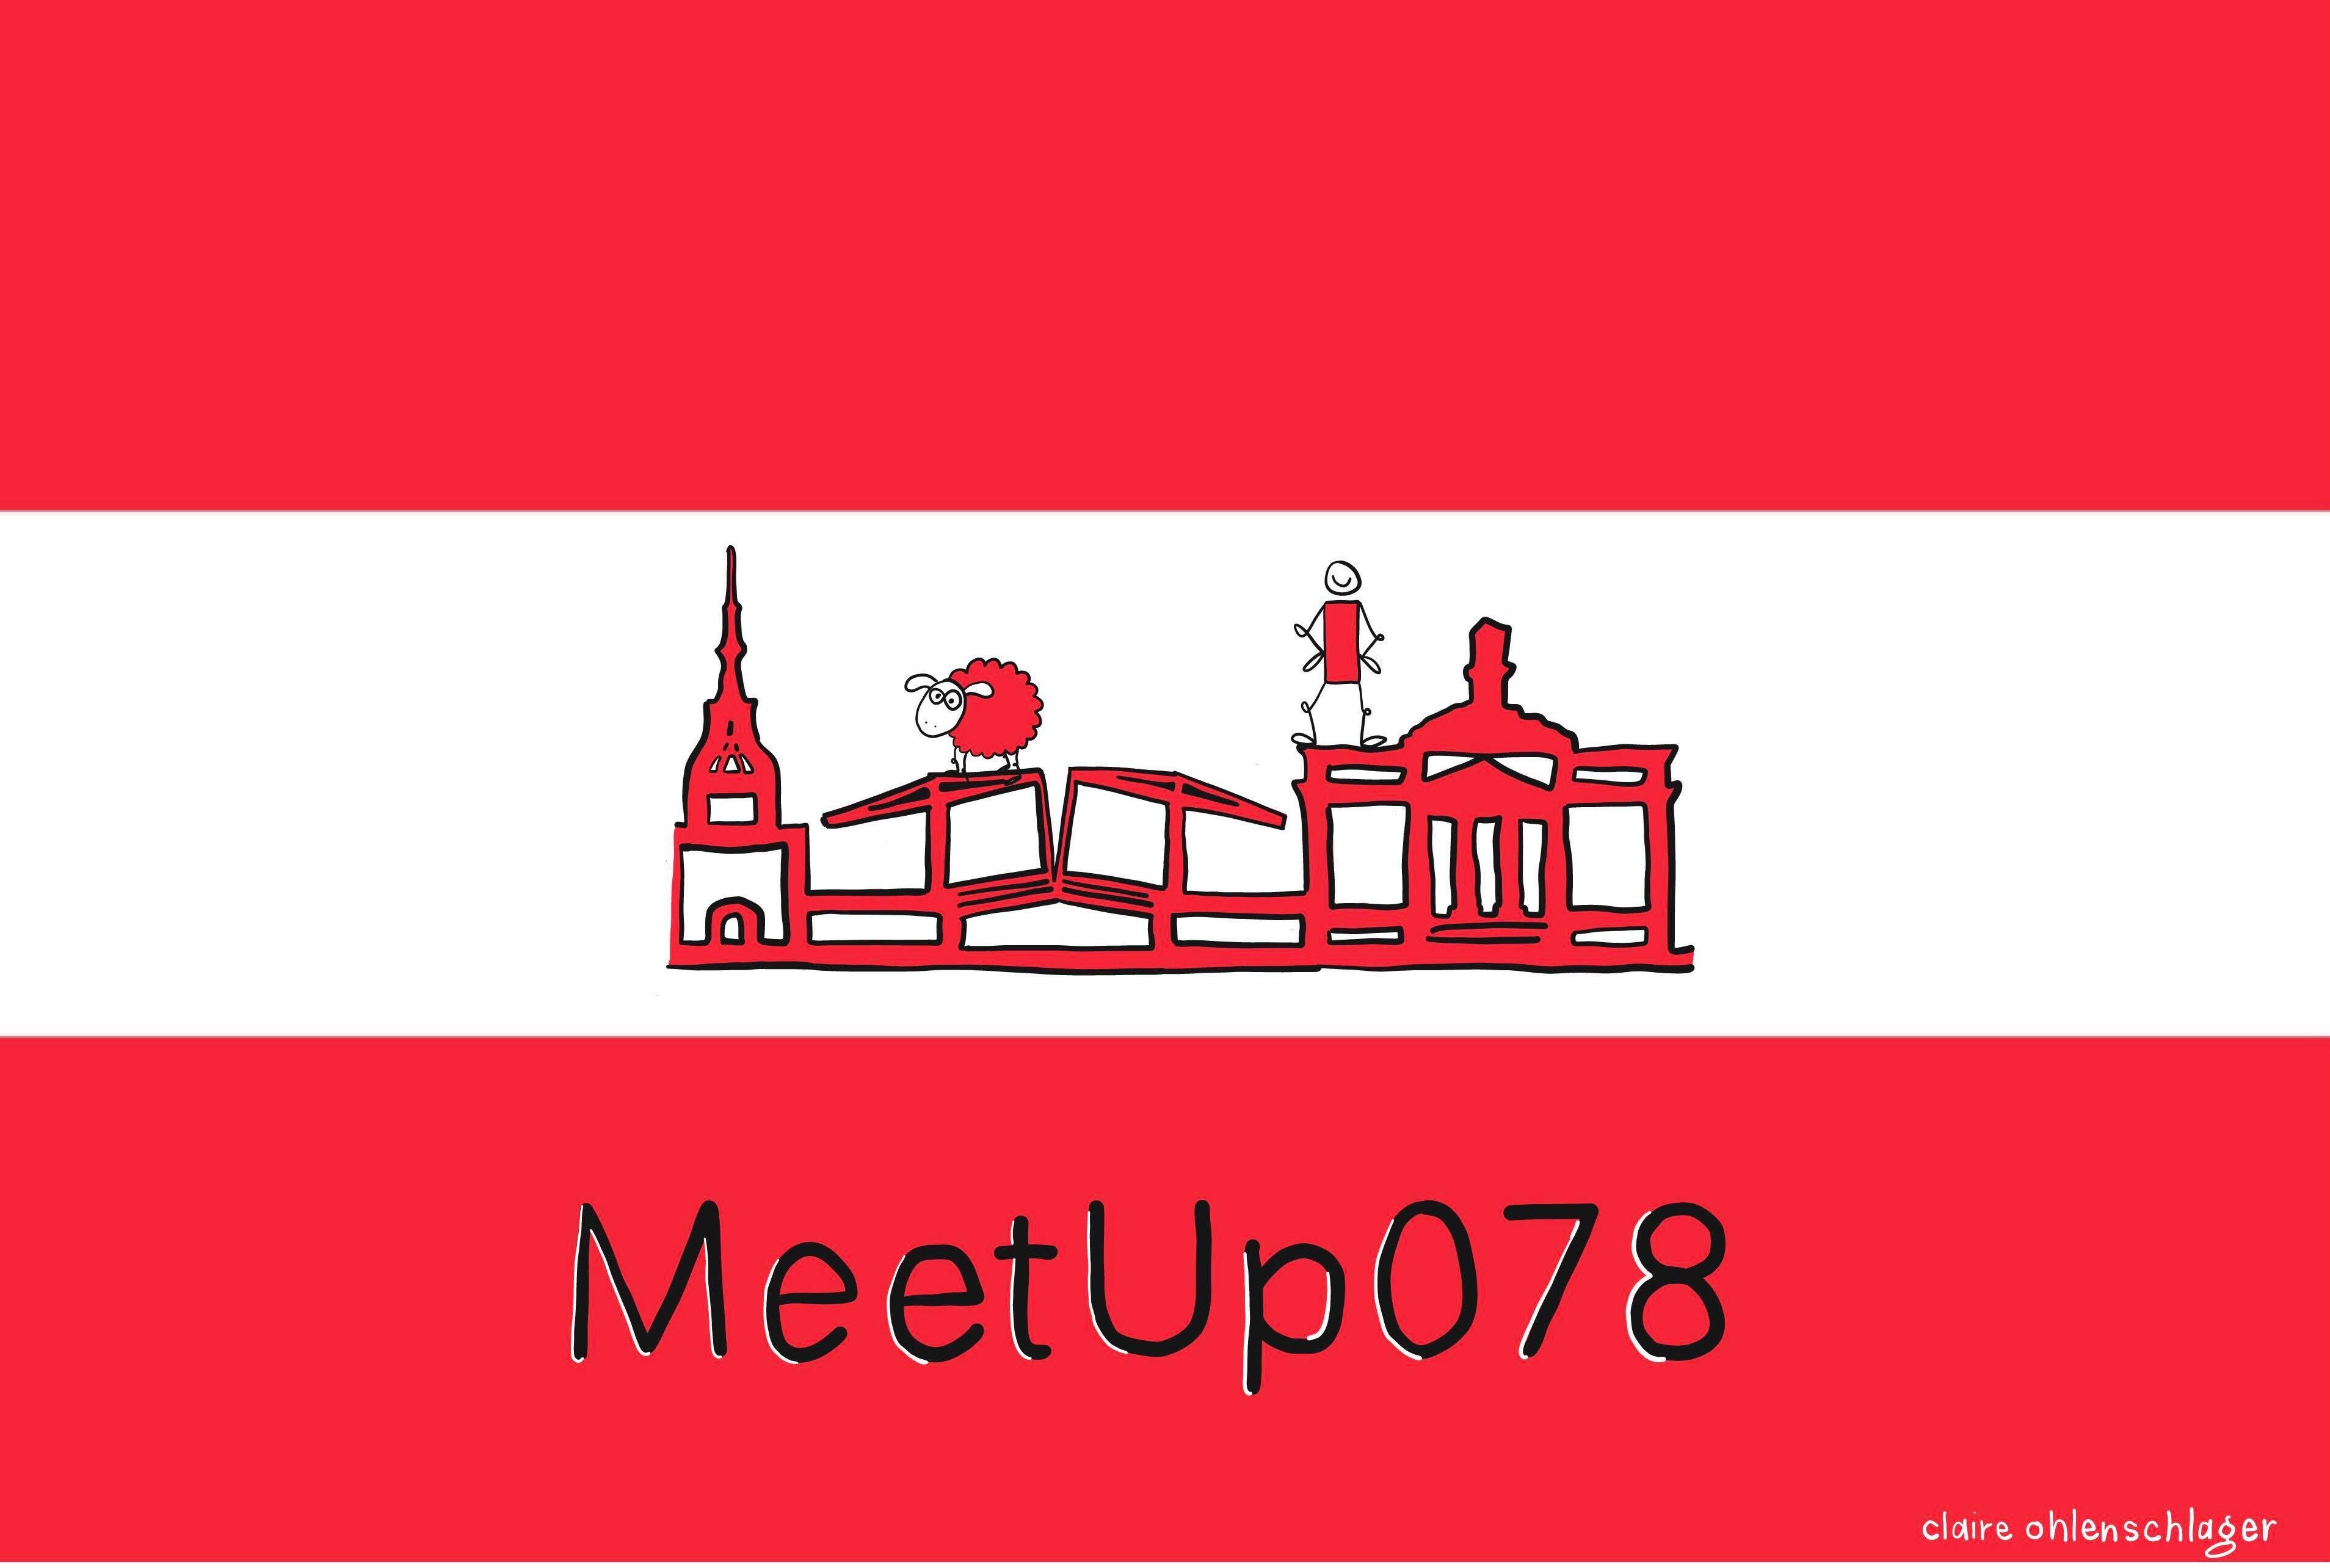 MeetUp078